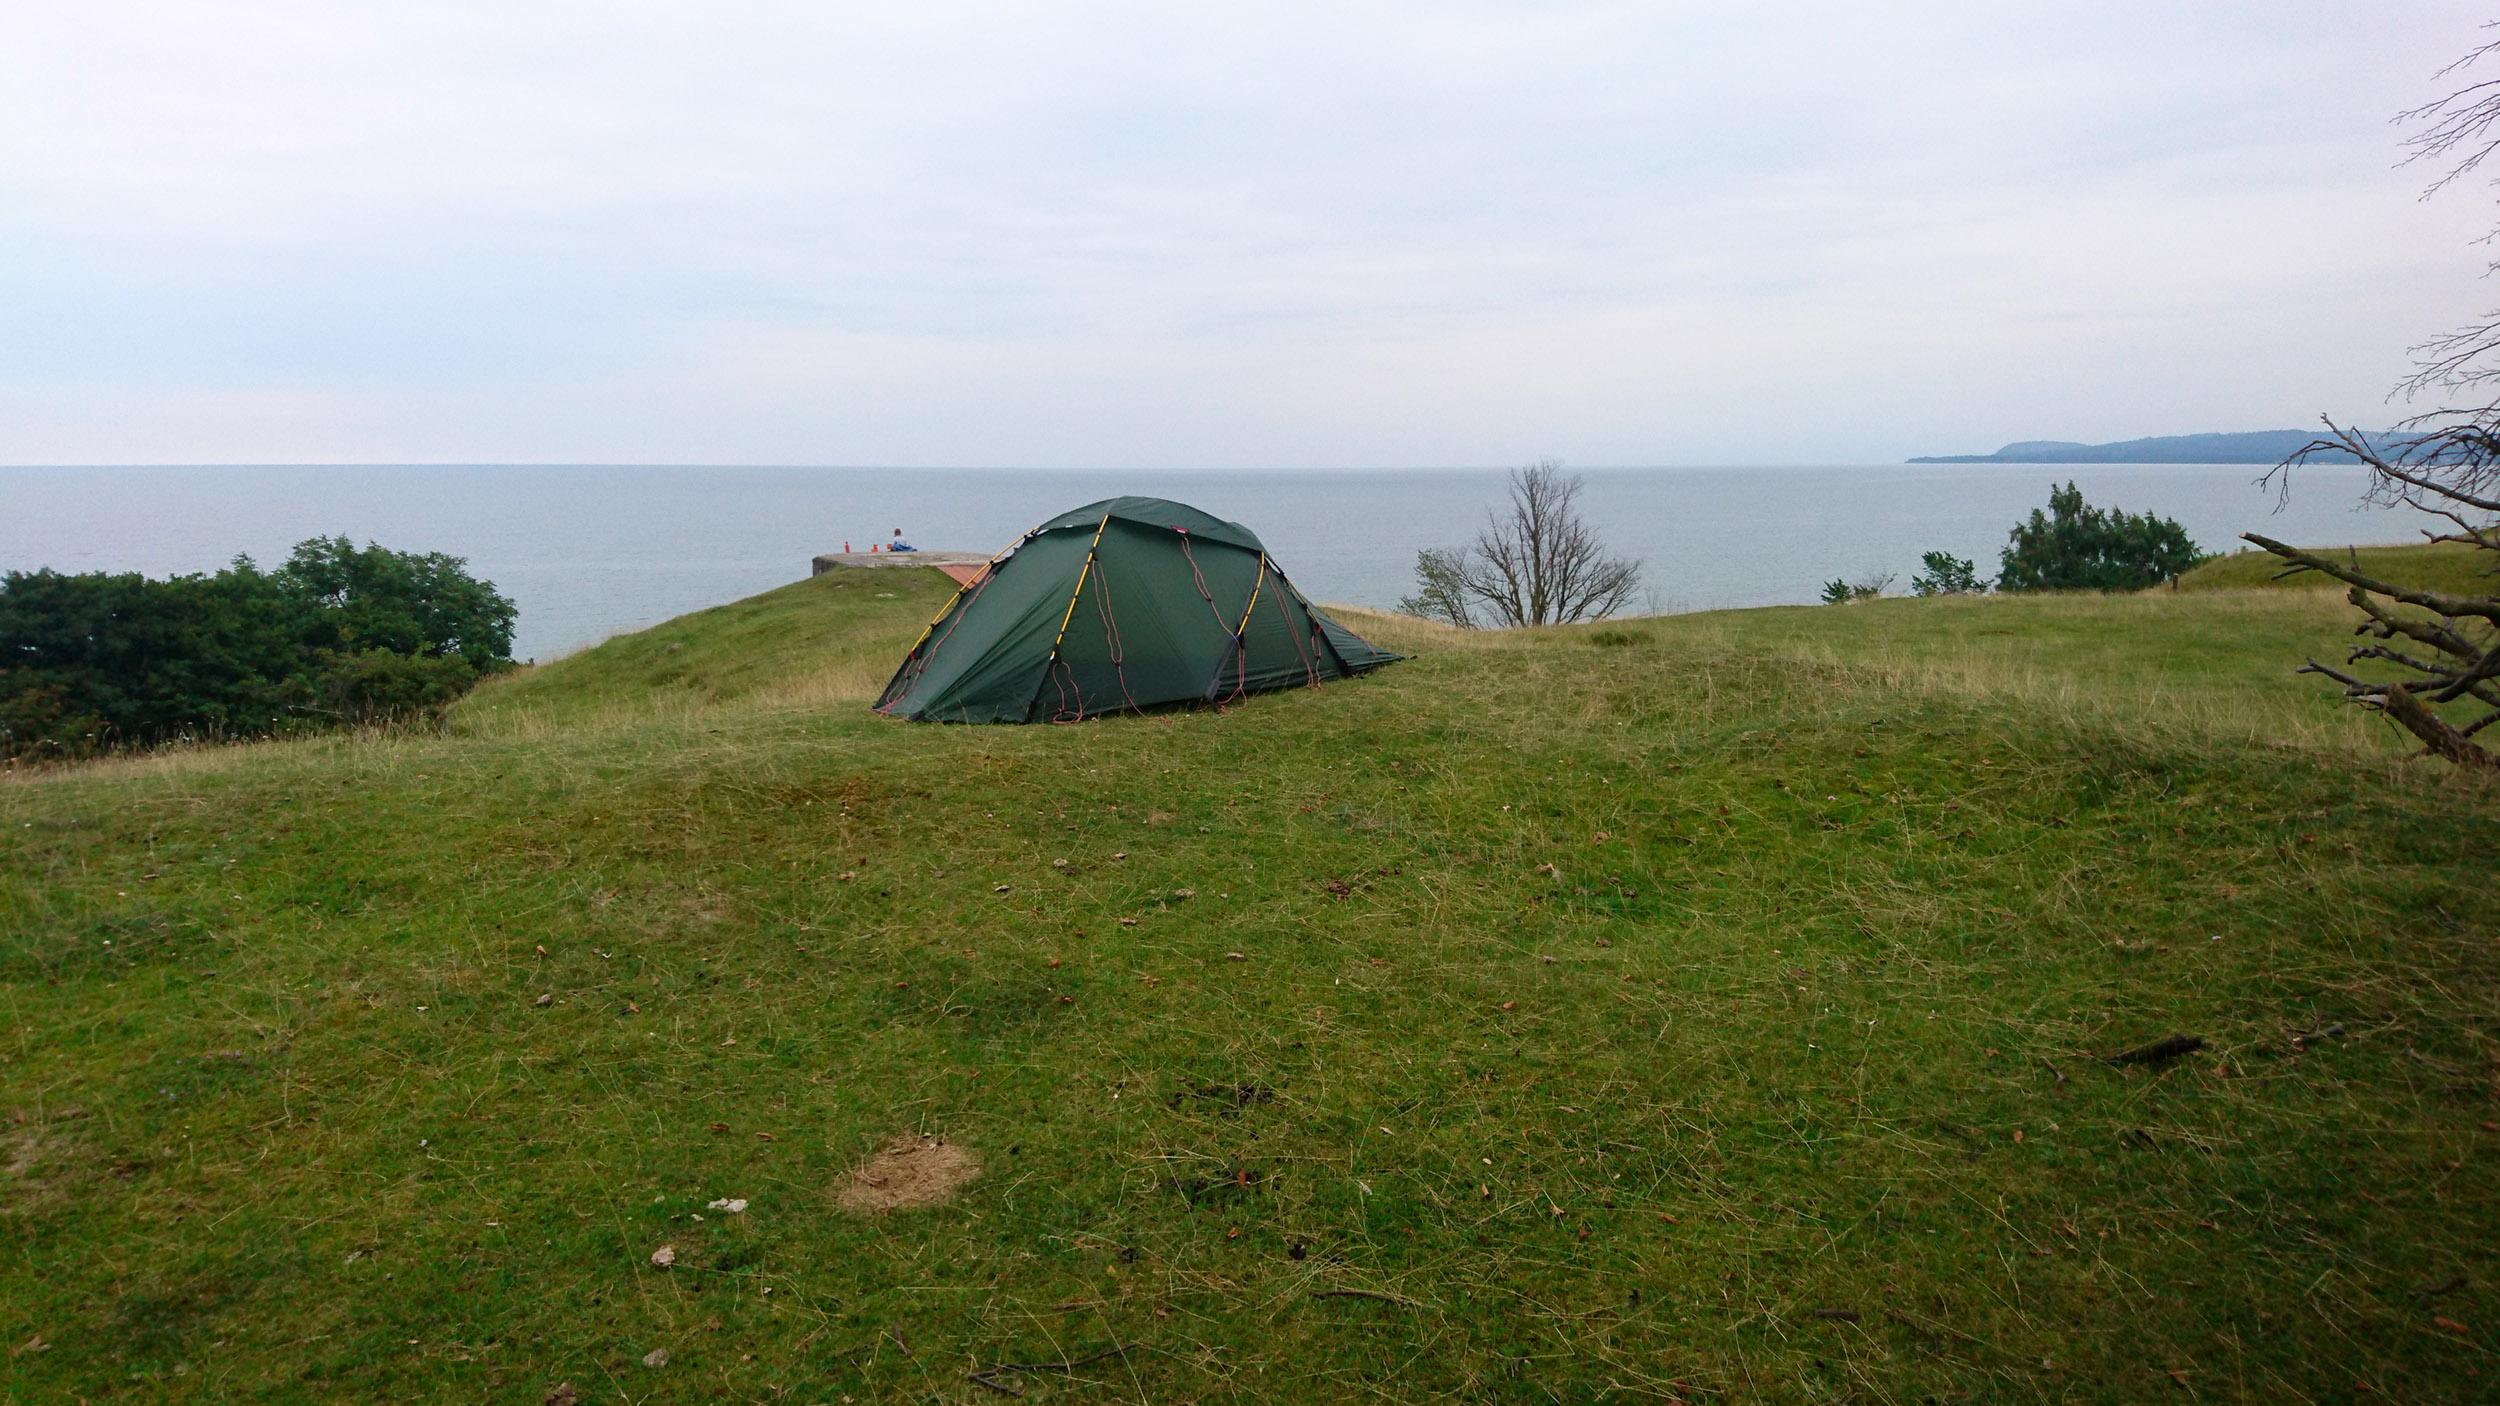 Att ha drygt fem kilometer till en sådan här tältplats är en ynnest.